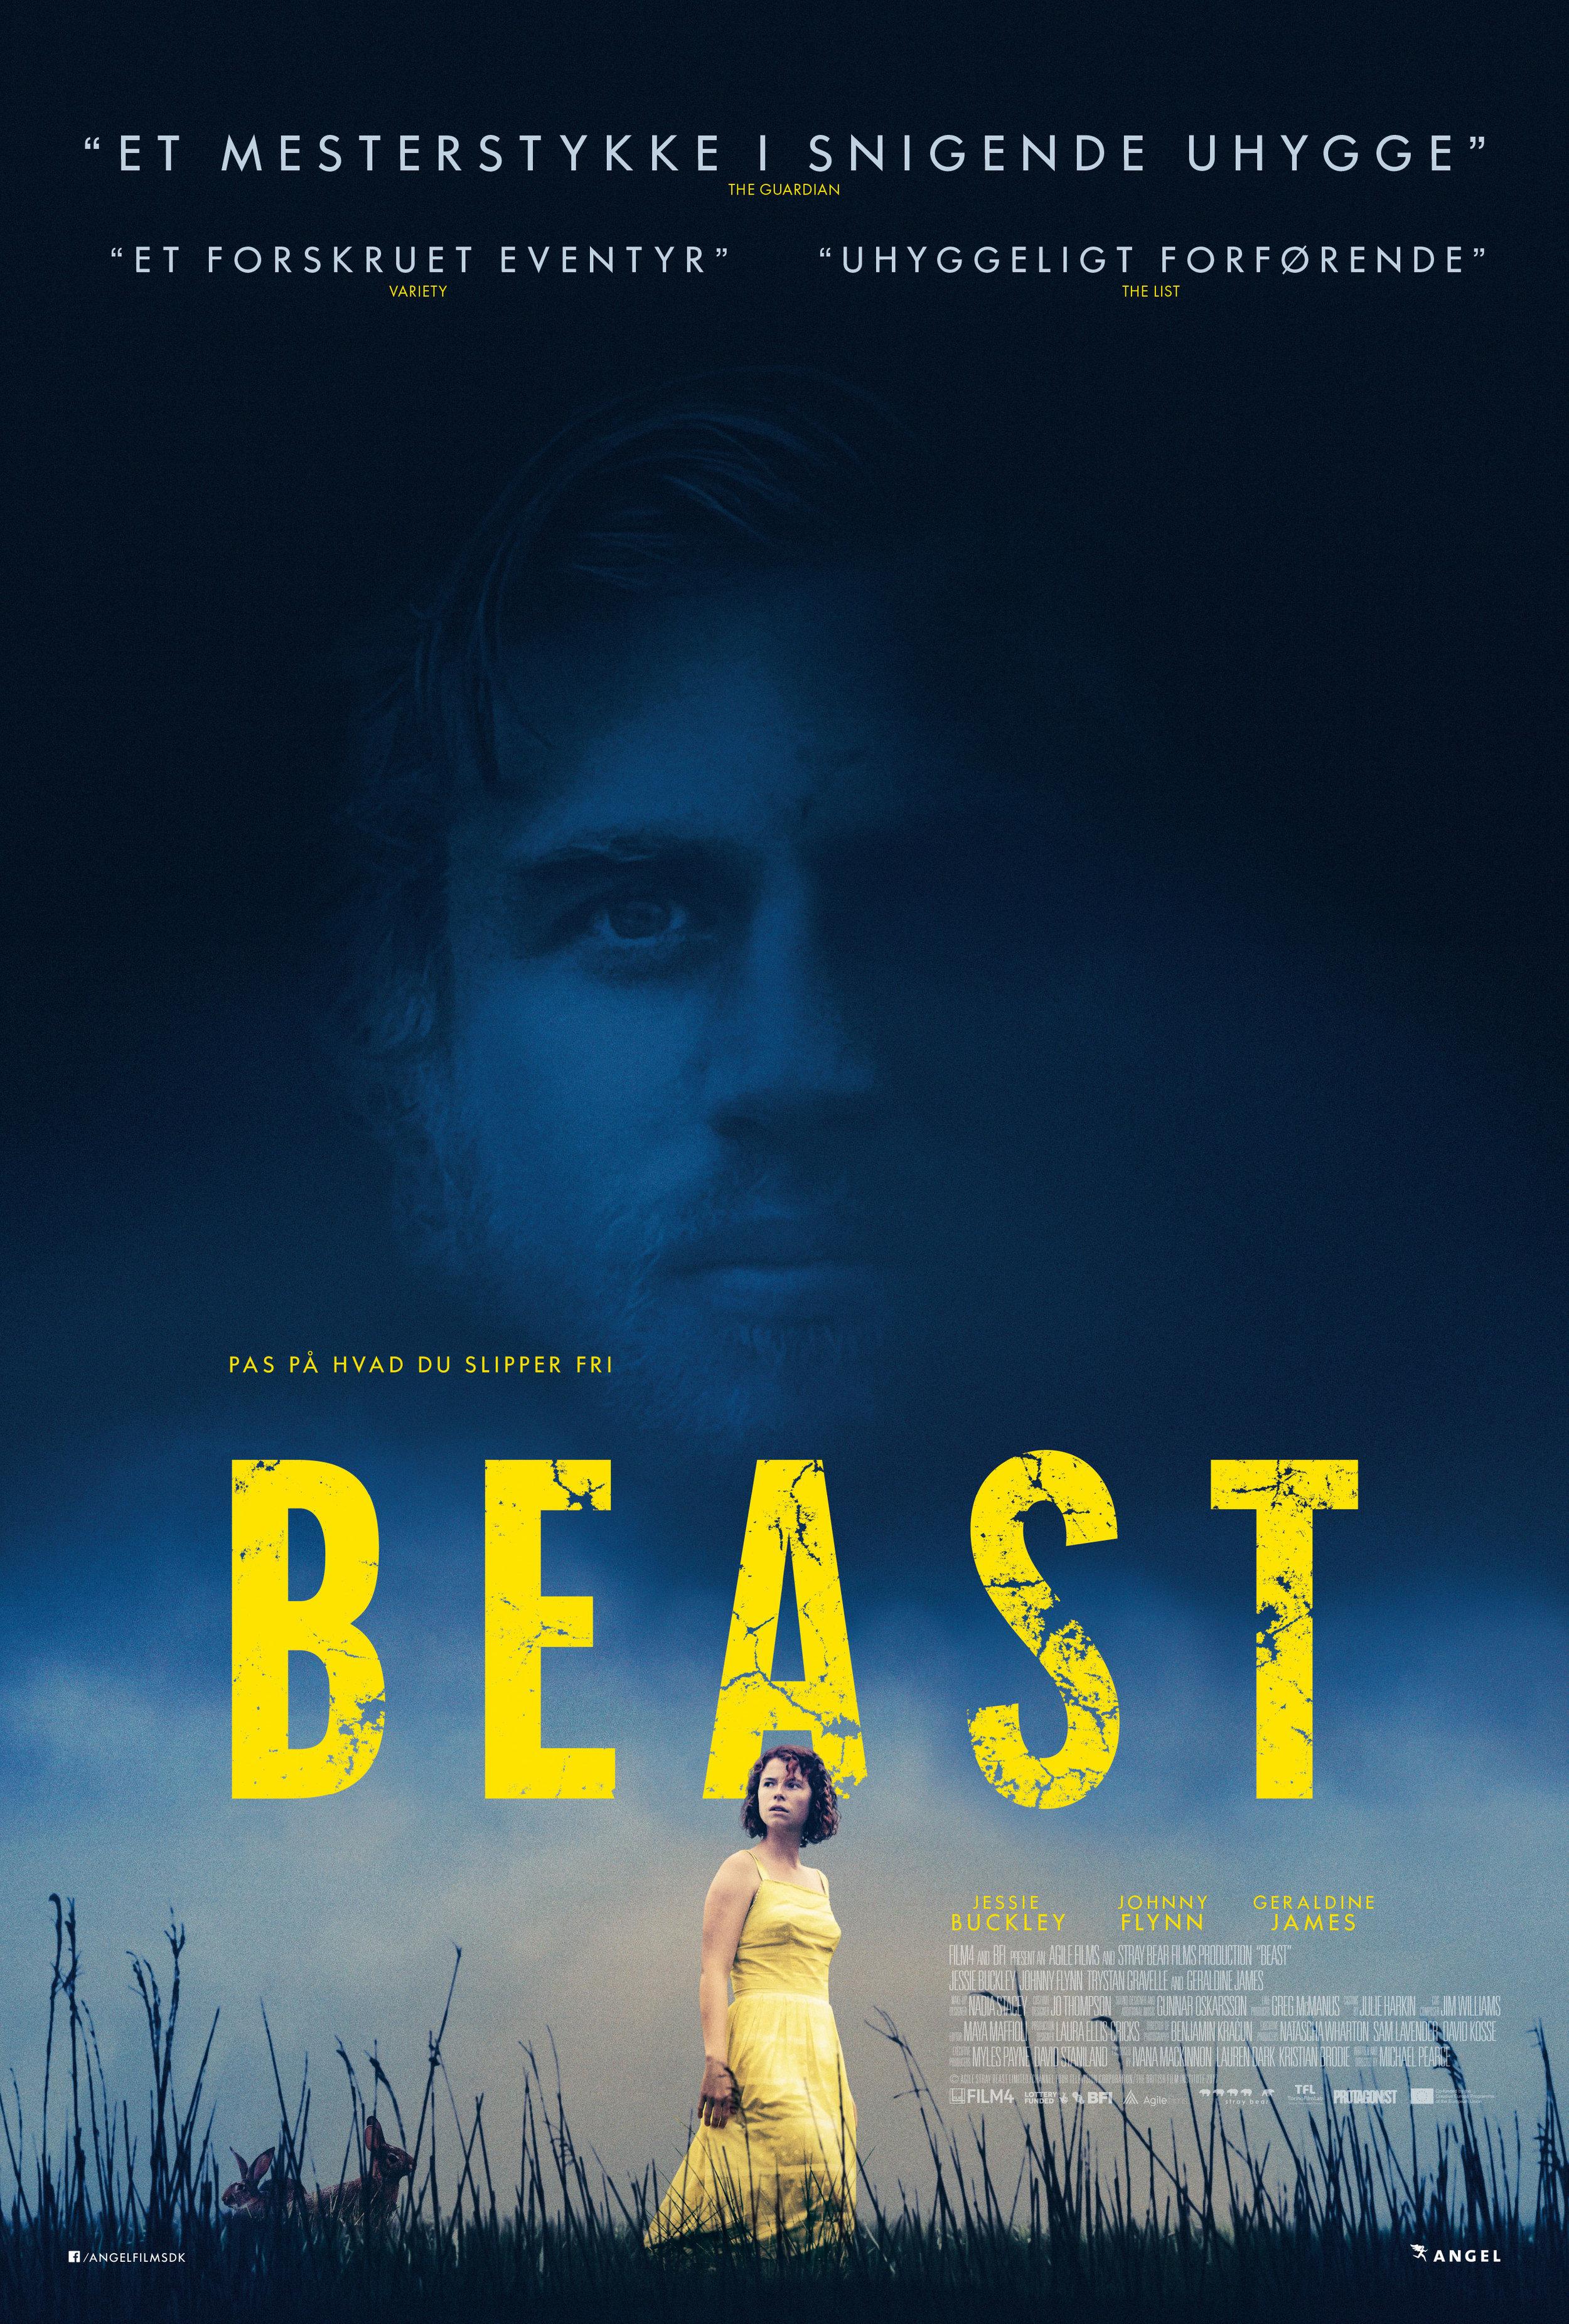 poster_HER_beast.jpg